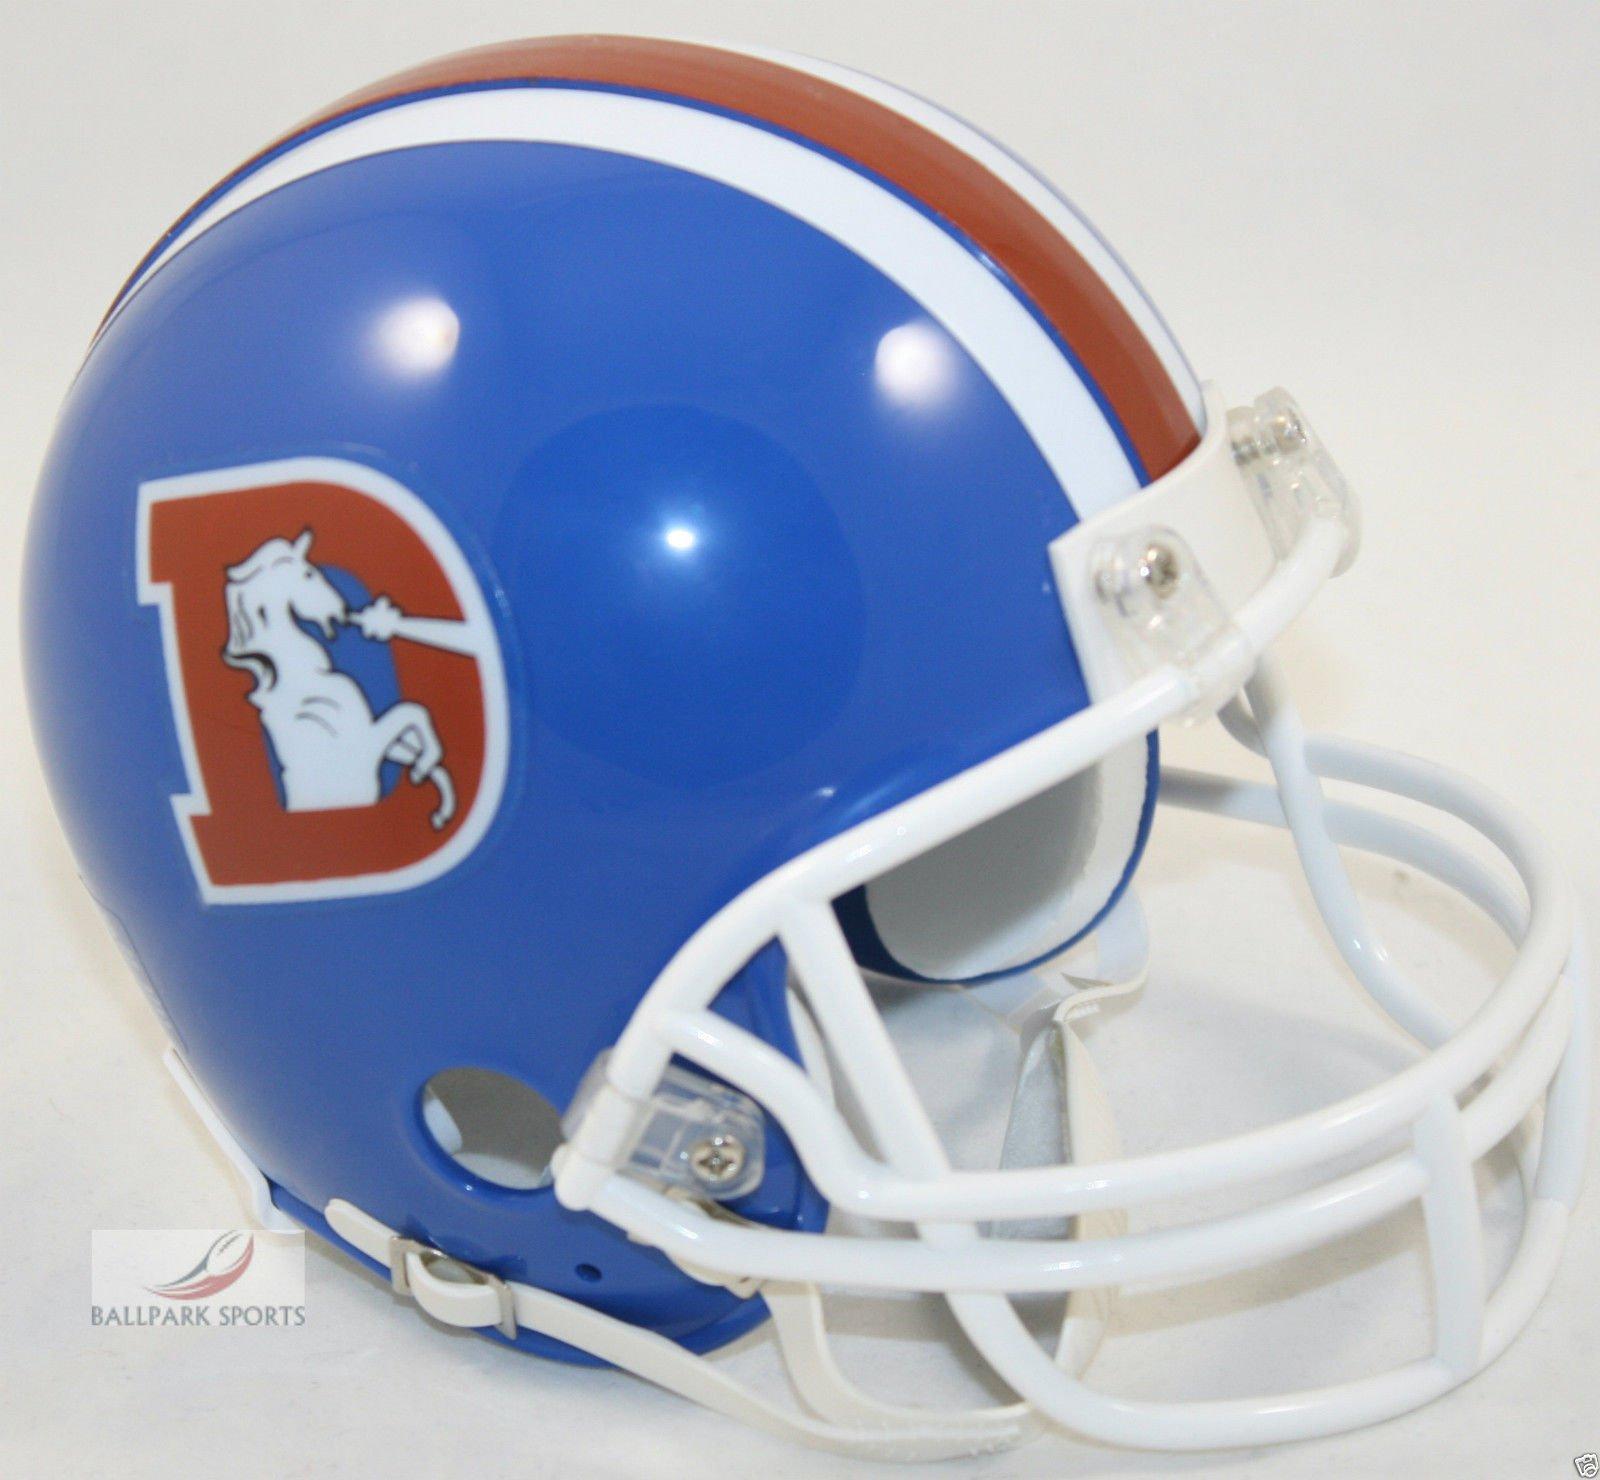 Denver Broncos 1975 1996 Throwback Riddell Mini Football Helmet New in Riddell Box